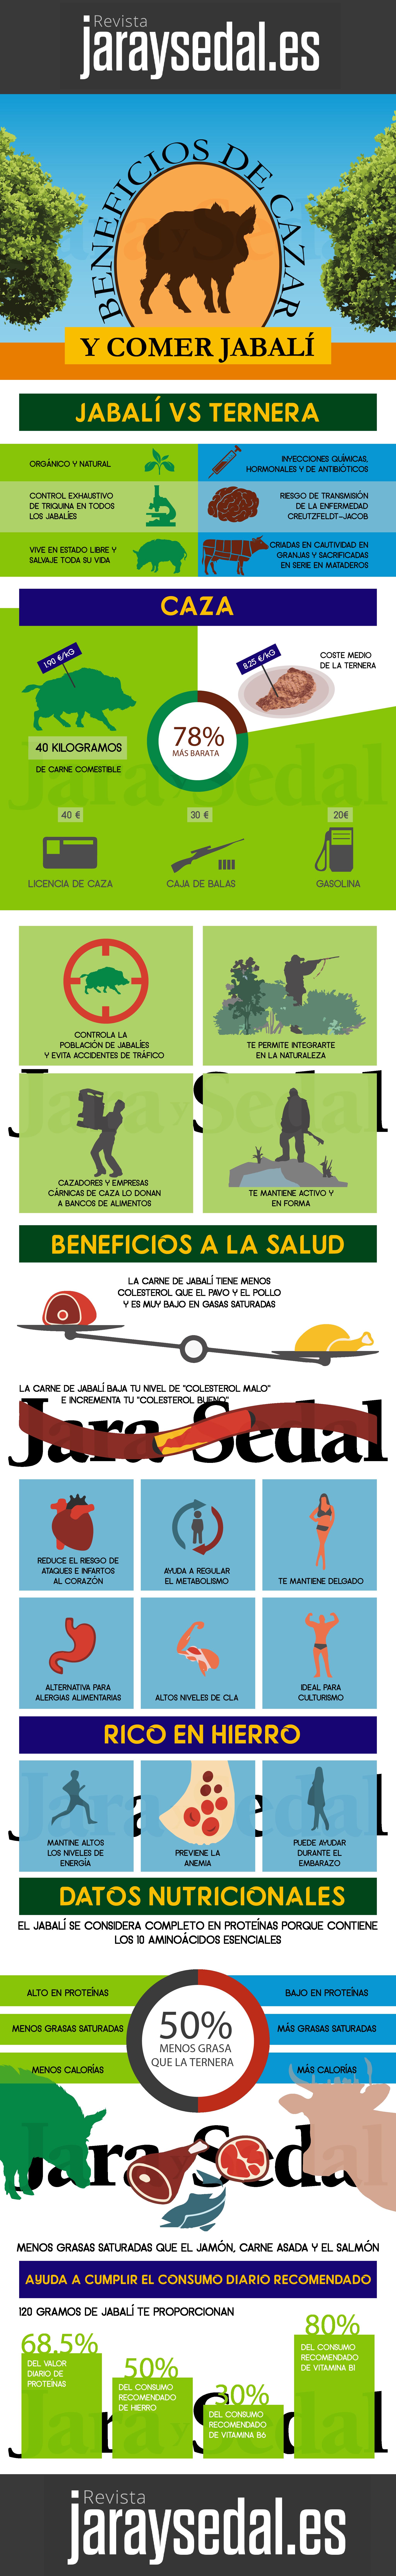 beneficios cazar y comer carne de jabalí